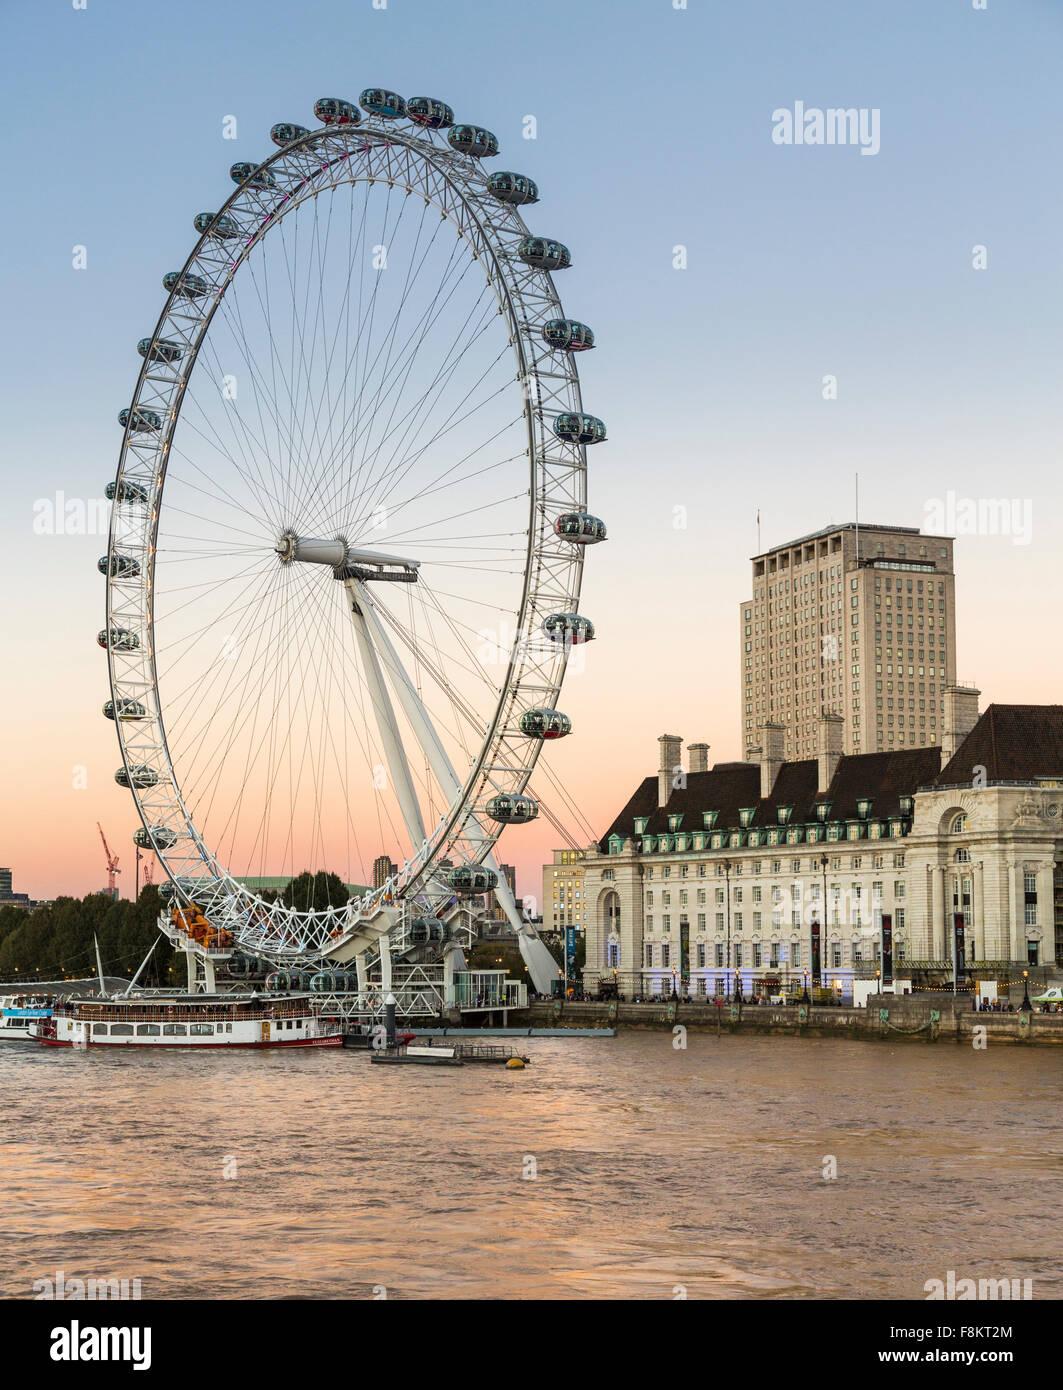 El London Eye o Millennium Wheel en la orilla sur del río Támesis en Londres, Inglaterra, Reino Unido. Imagen De Stock